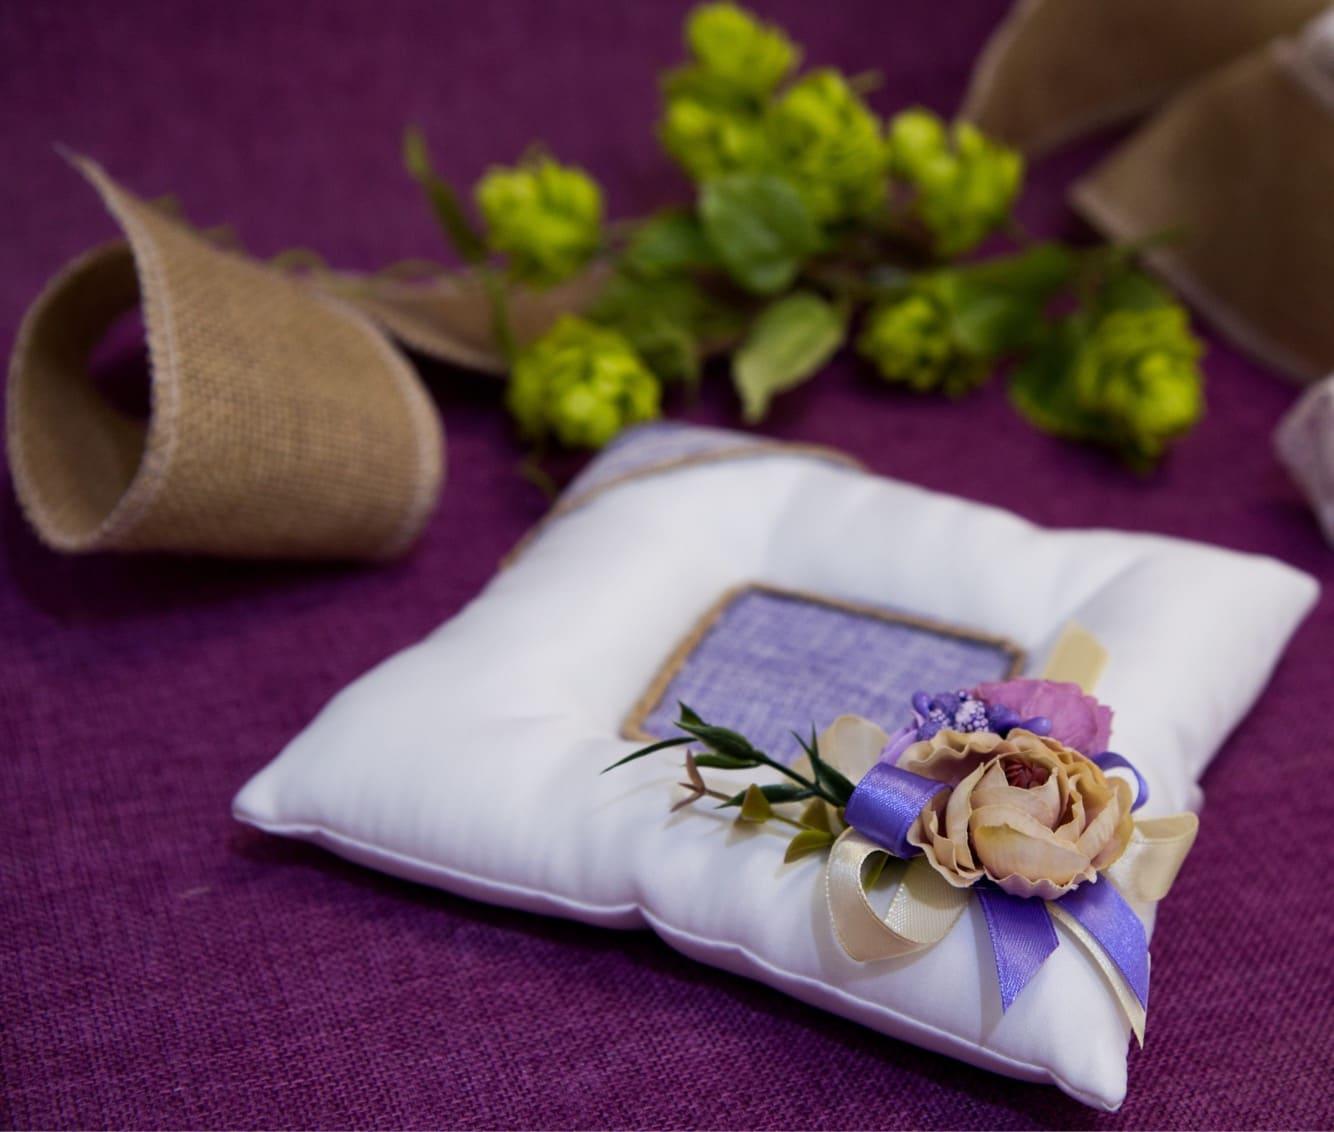 Стильная подушечка для колец в бело-фиолетовых тонах, декорированная бутонами.